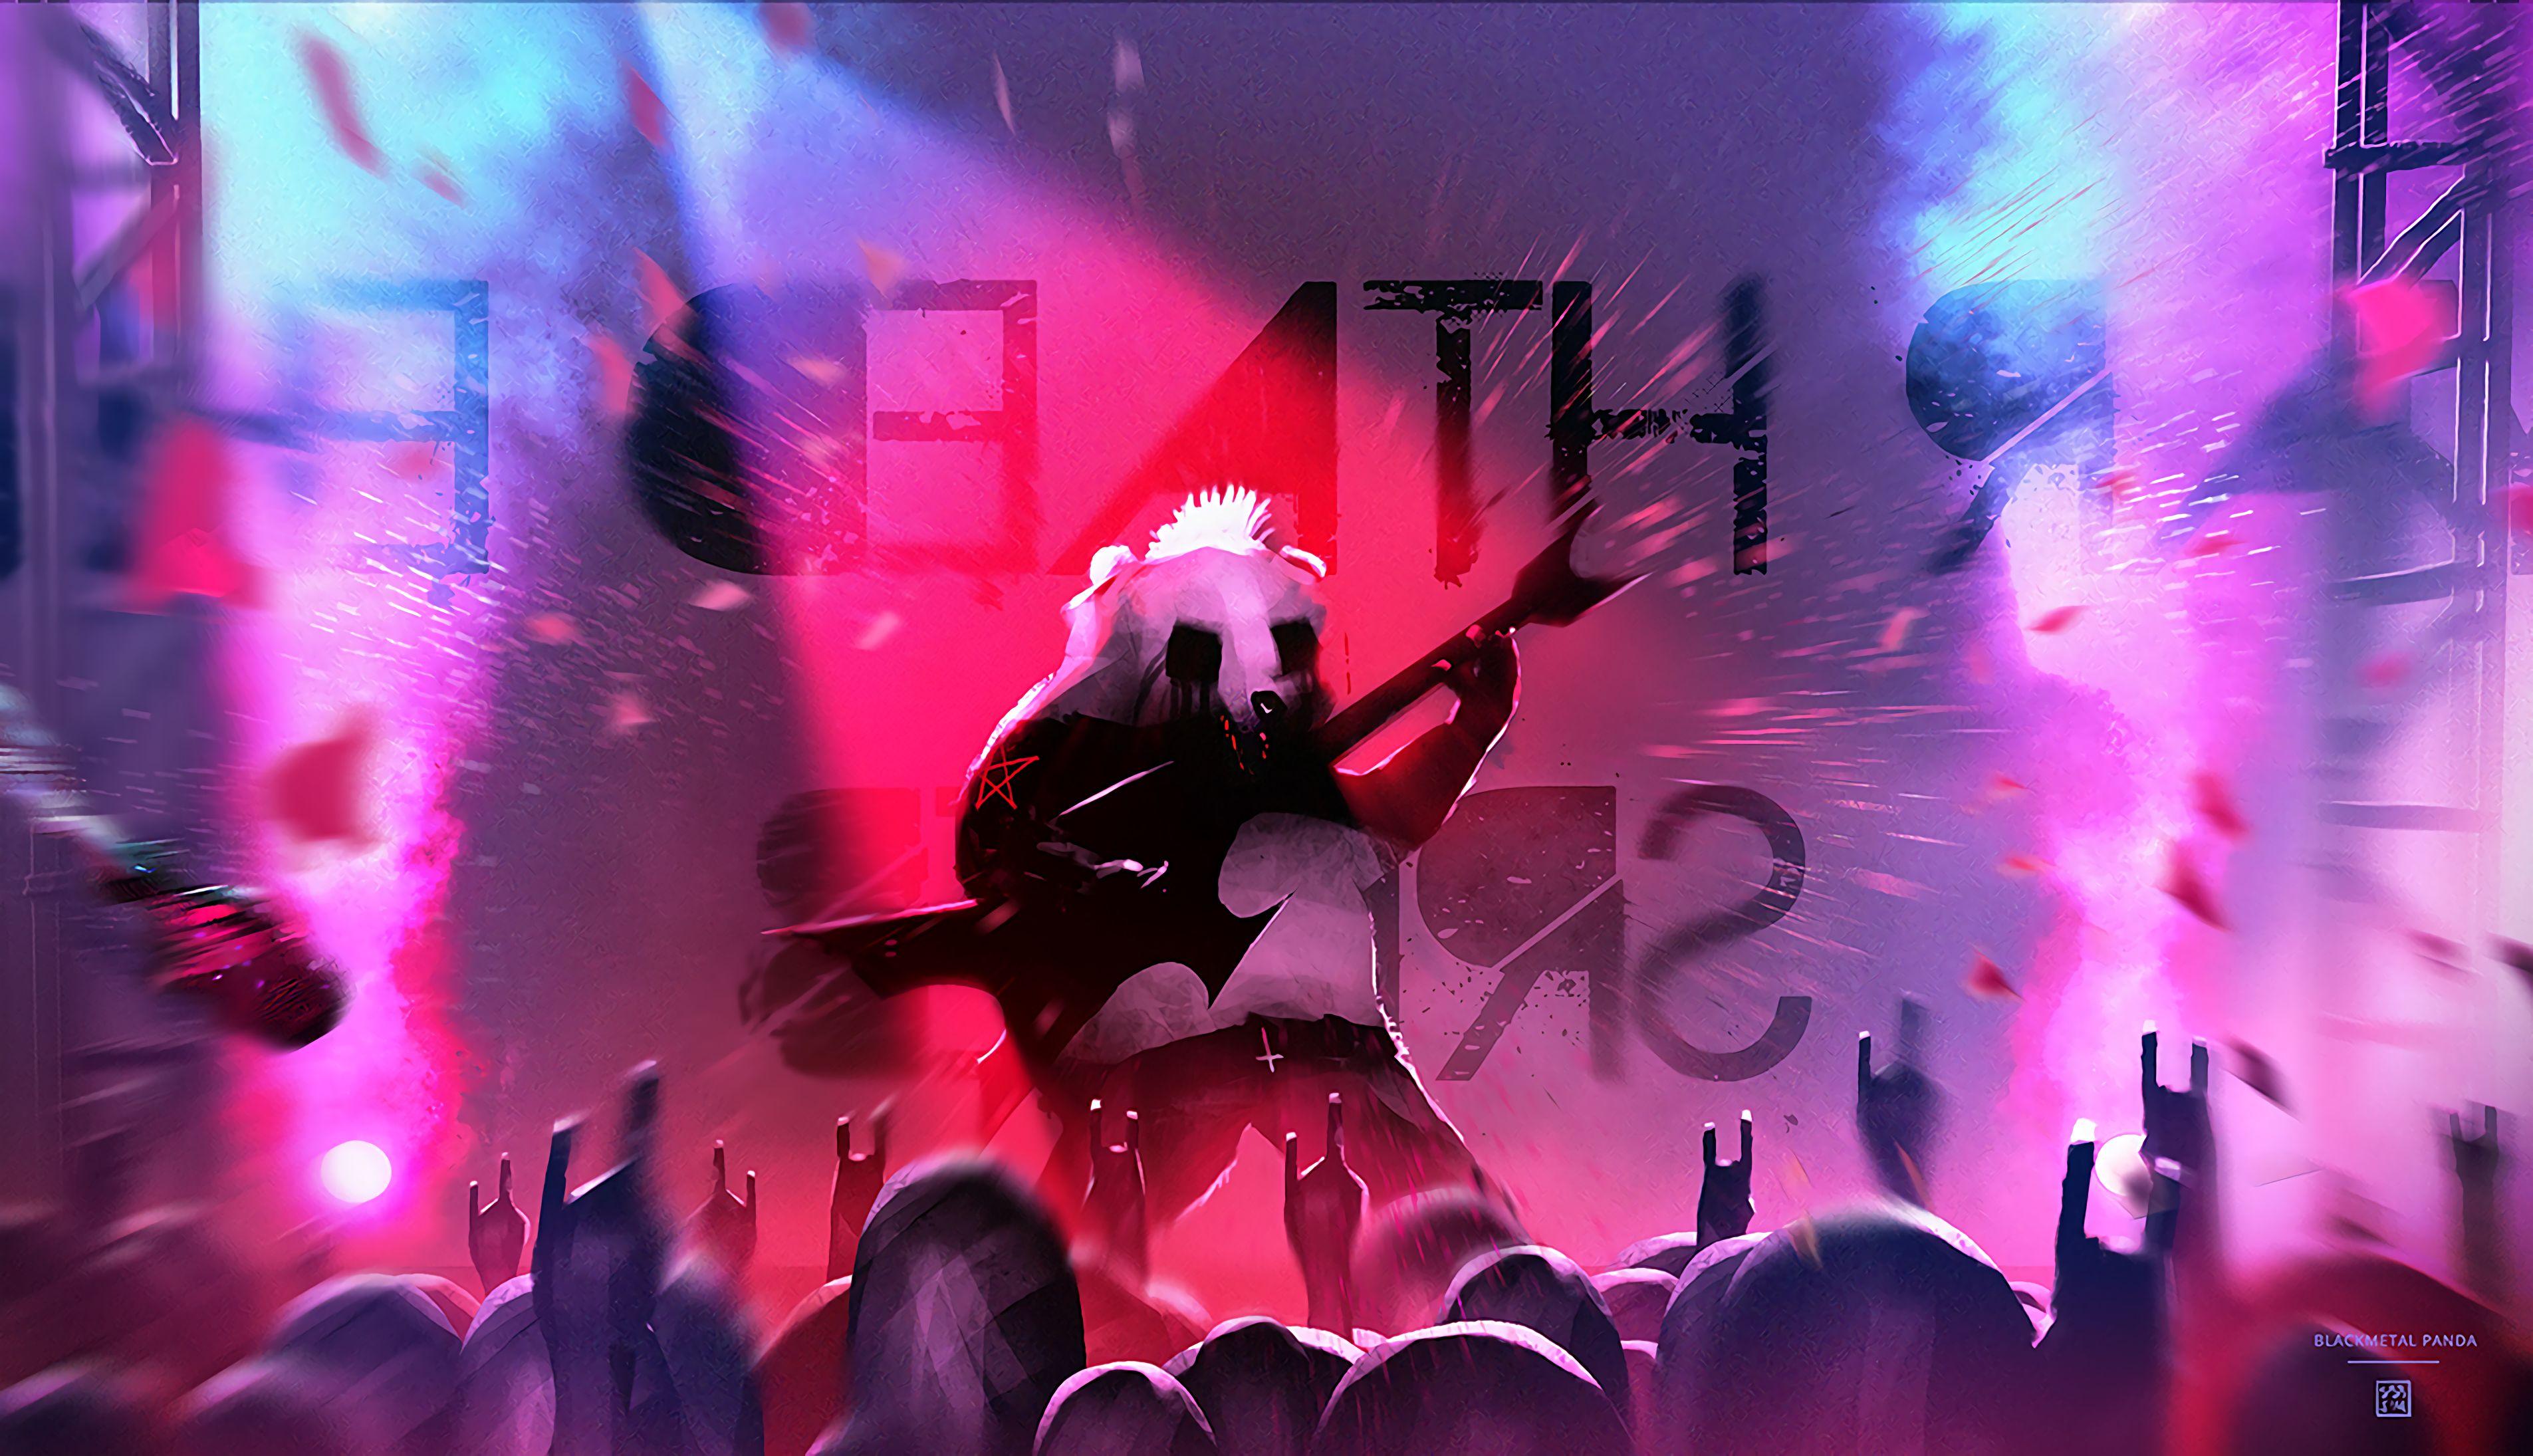 115593 download wallpaper Panda, Guitar Player, Guitarist, Art, Guitar, Concert screensavers and pictures for free